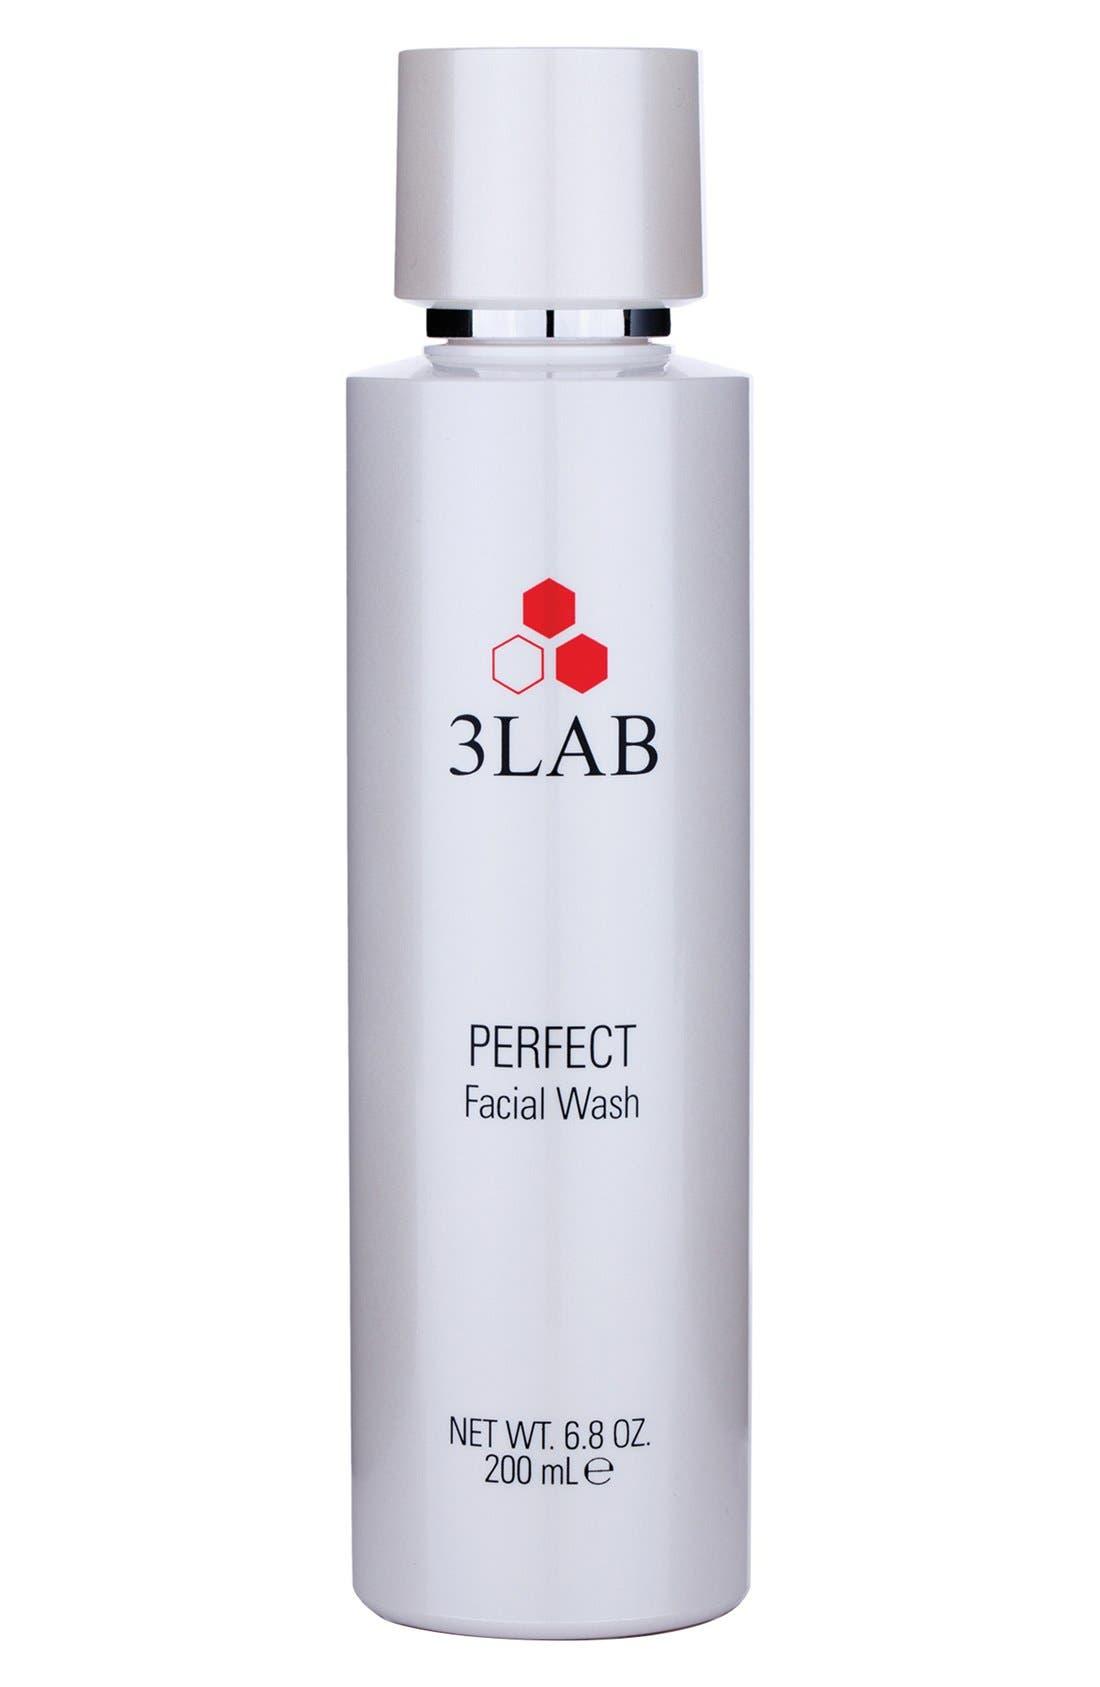 3LAB Perfect Facial Wash